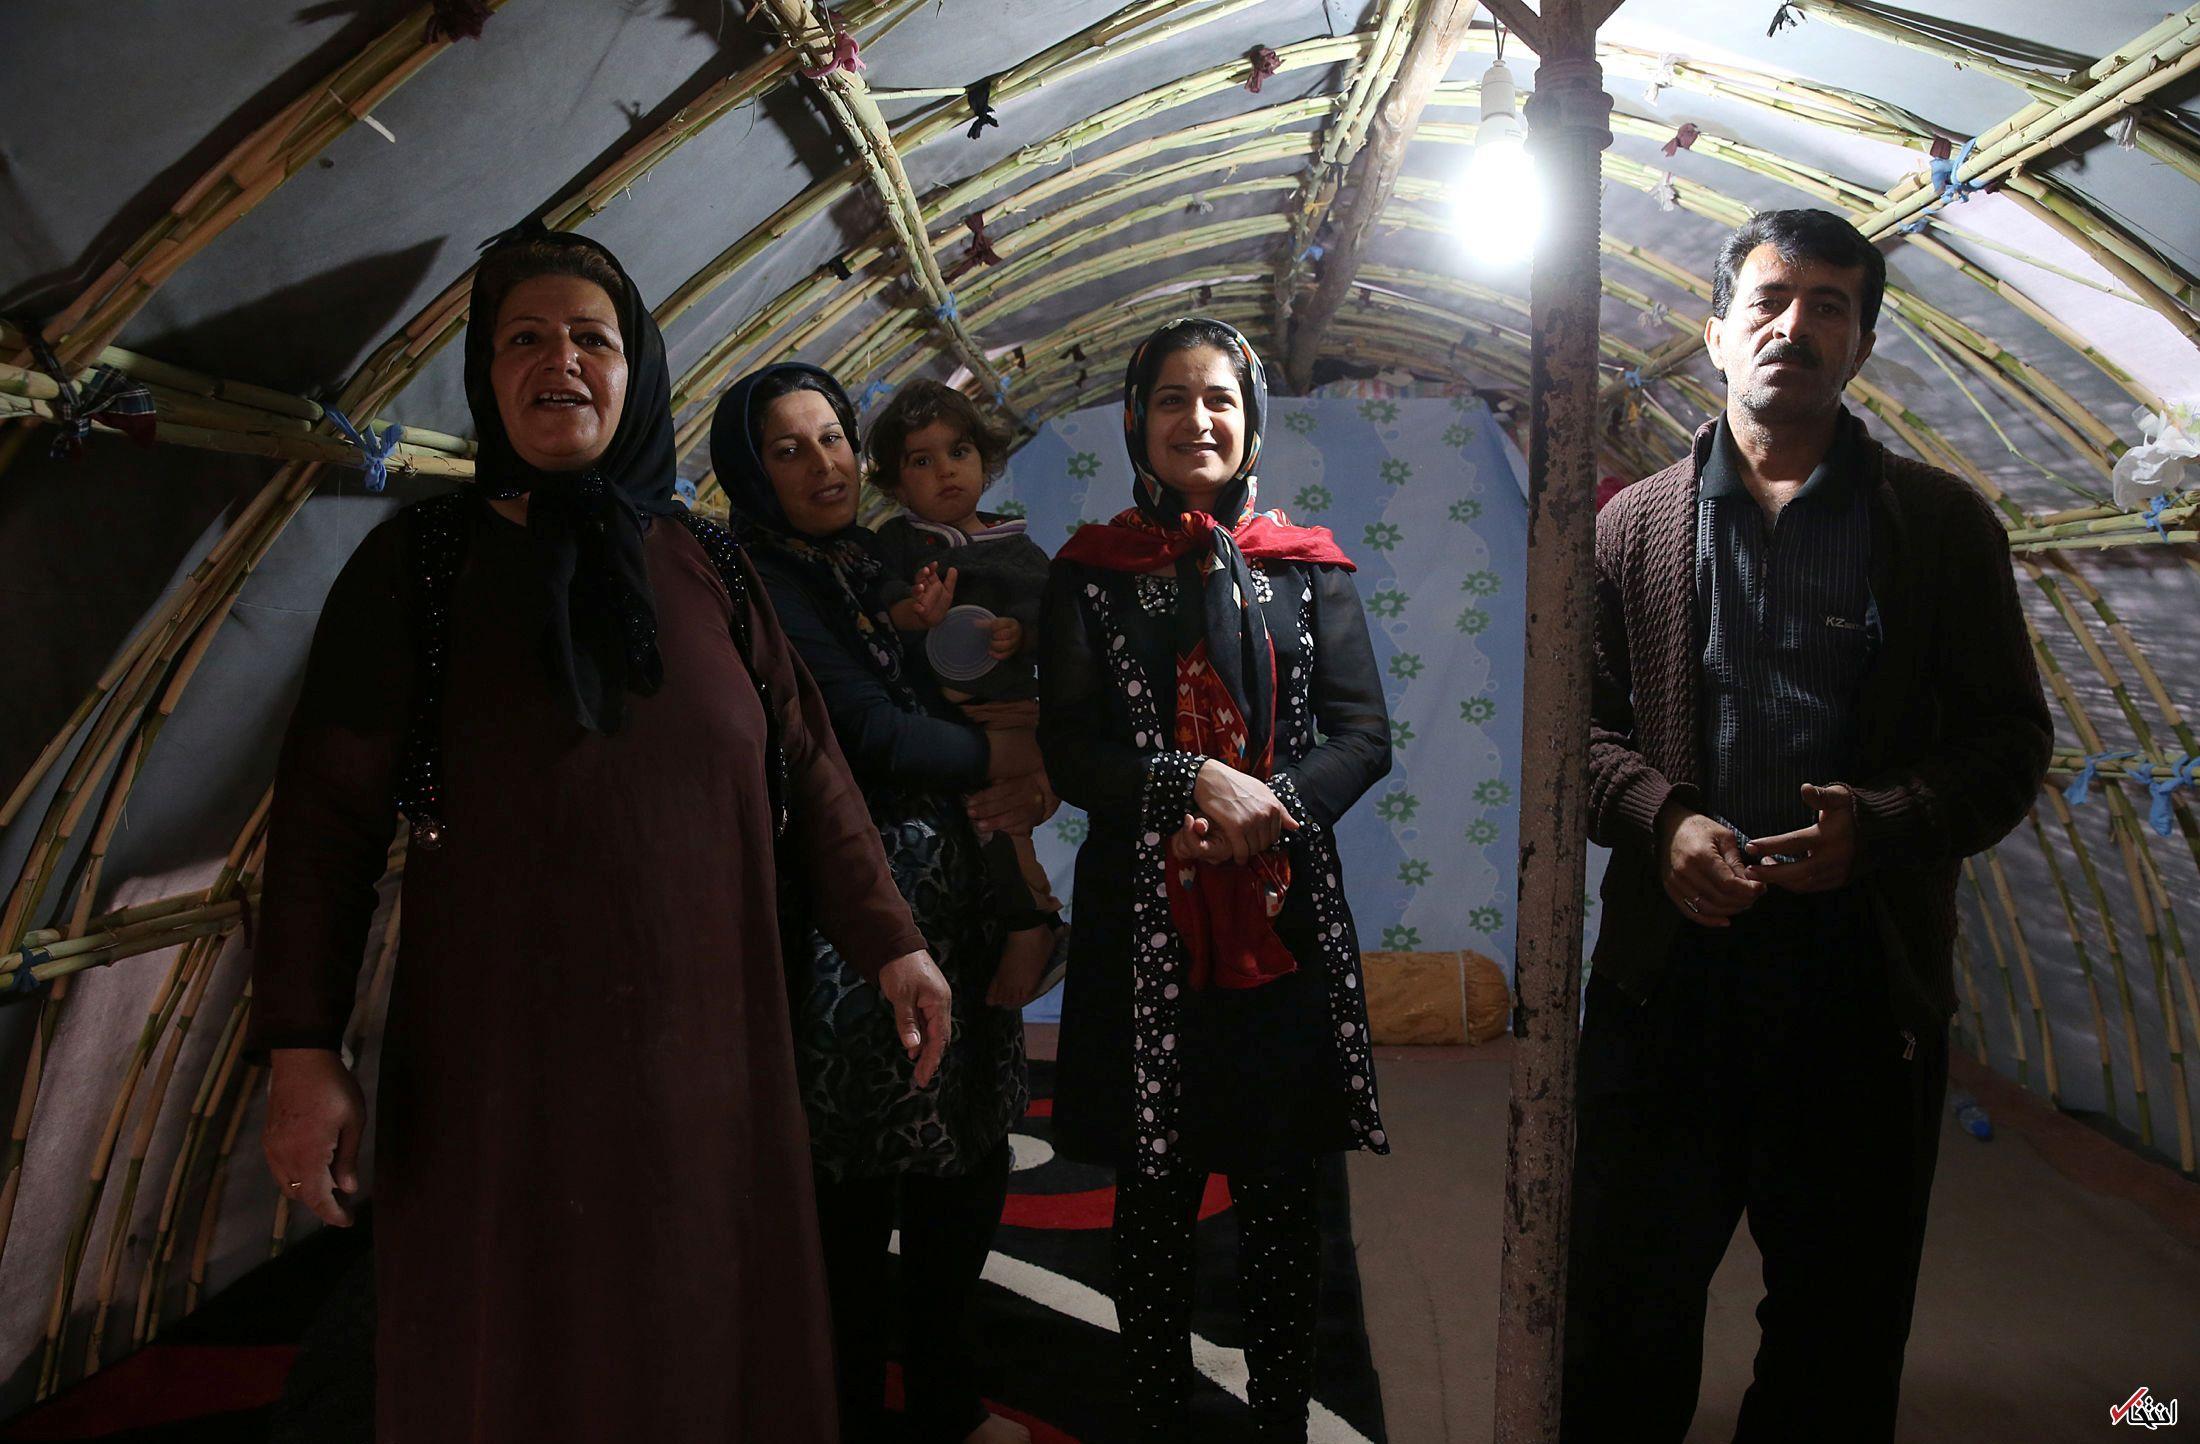 عکس/ بازدید رهبر انقلاب از روستاهای زلزلهزده کرمانشاه